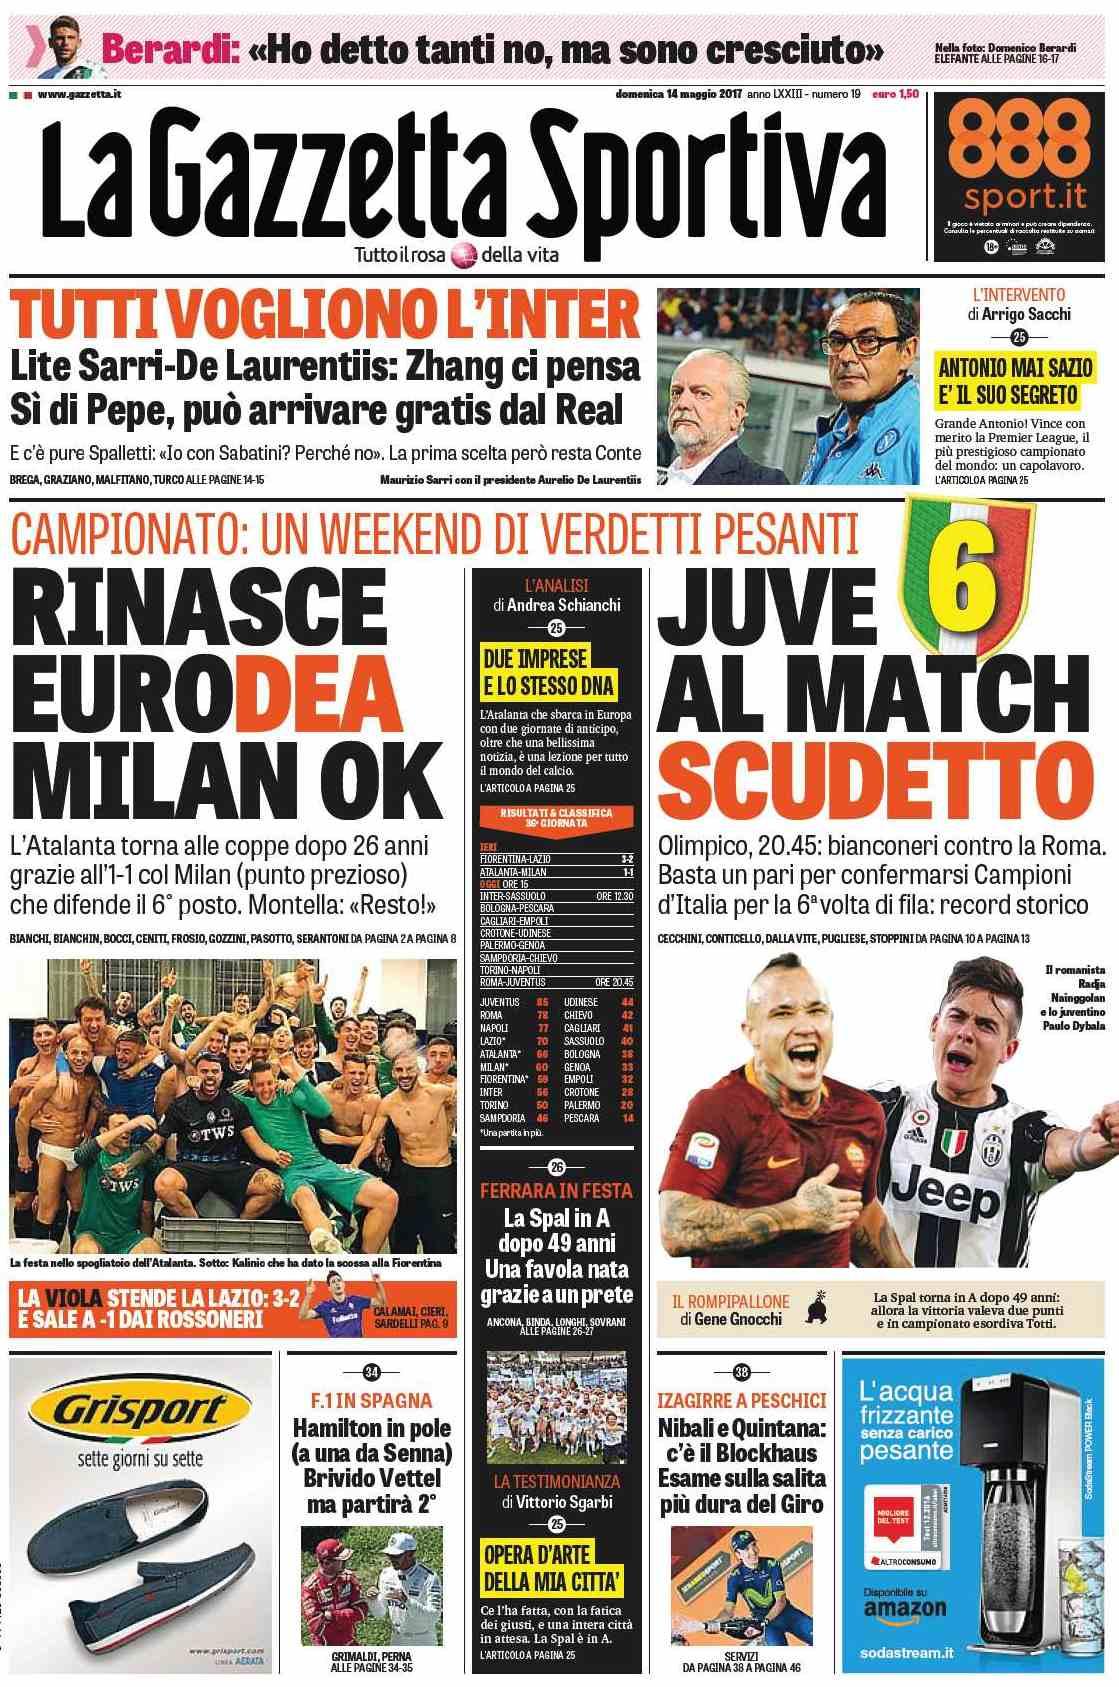 Gazzetta Juve match scudetto